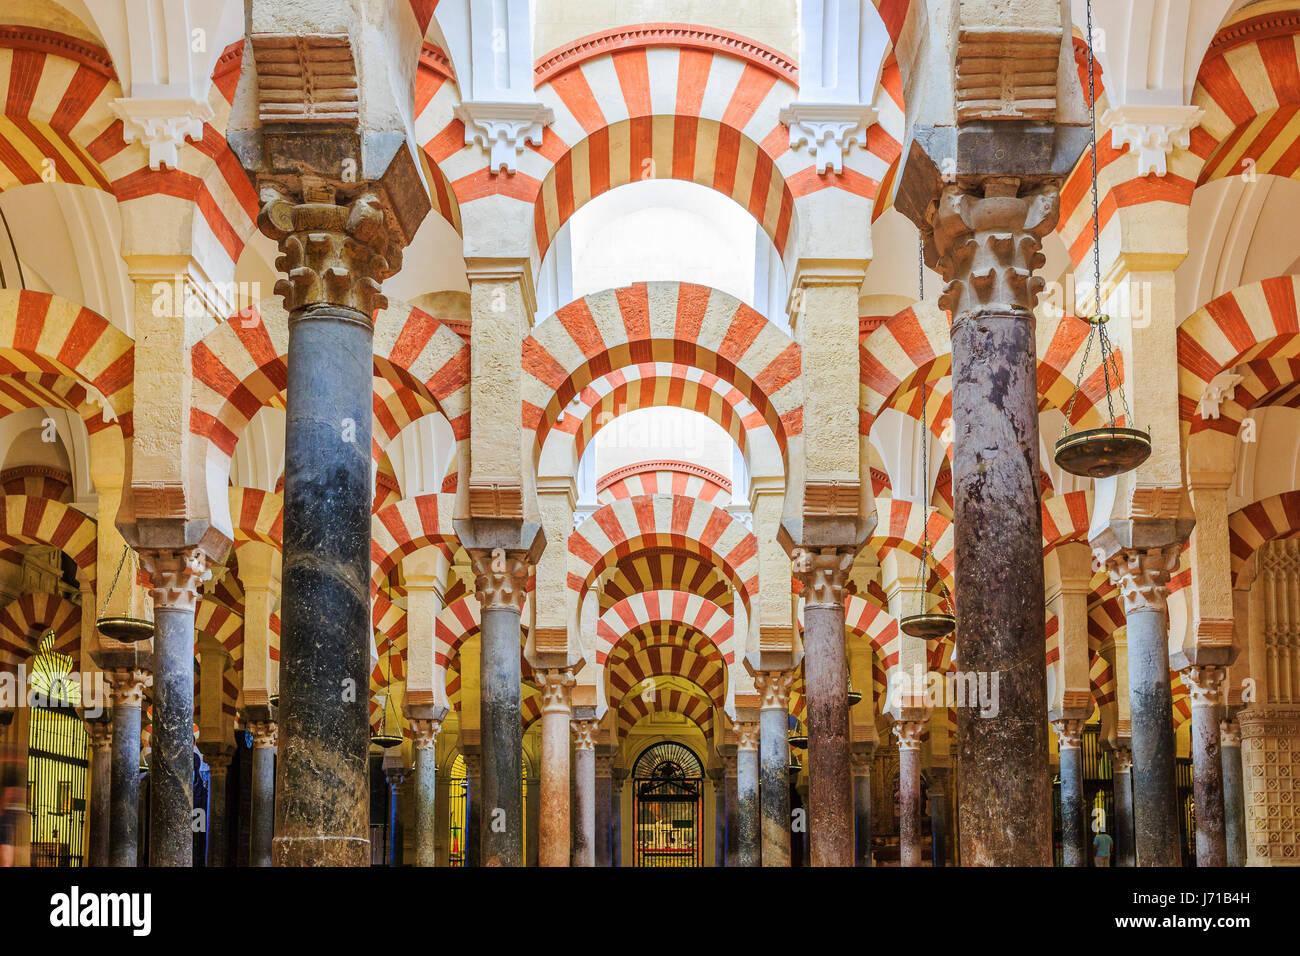 Cordoue, Espagne - 29 septembre 2016: vue de l'intérieur de la cathédrale Mezquita de Cordoue, Photo Stock